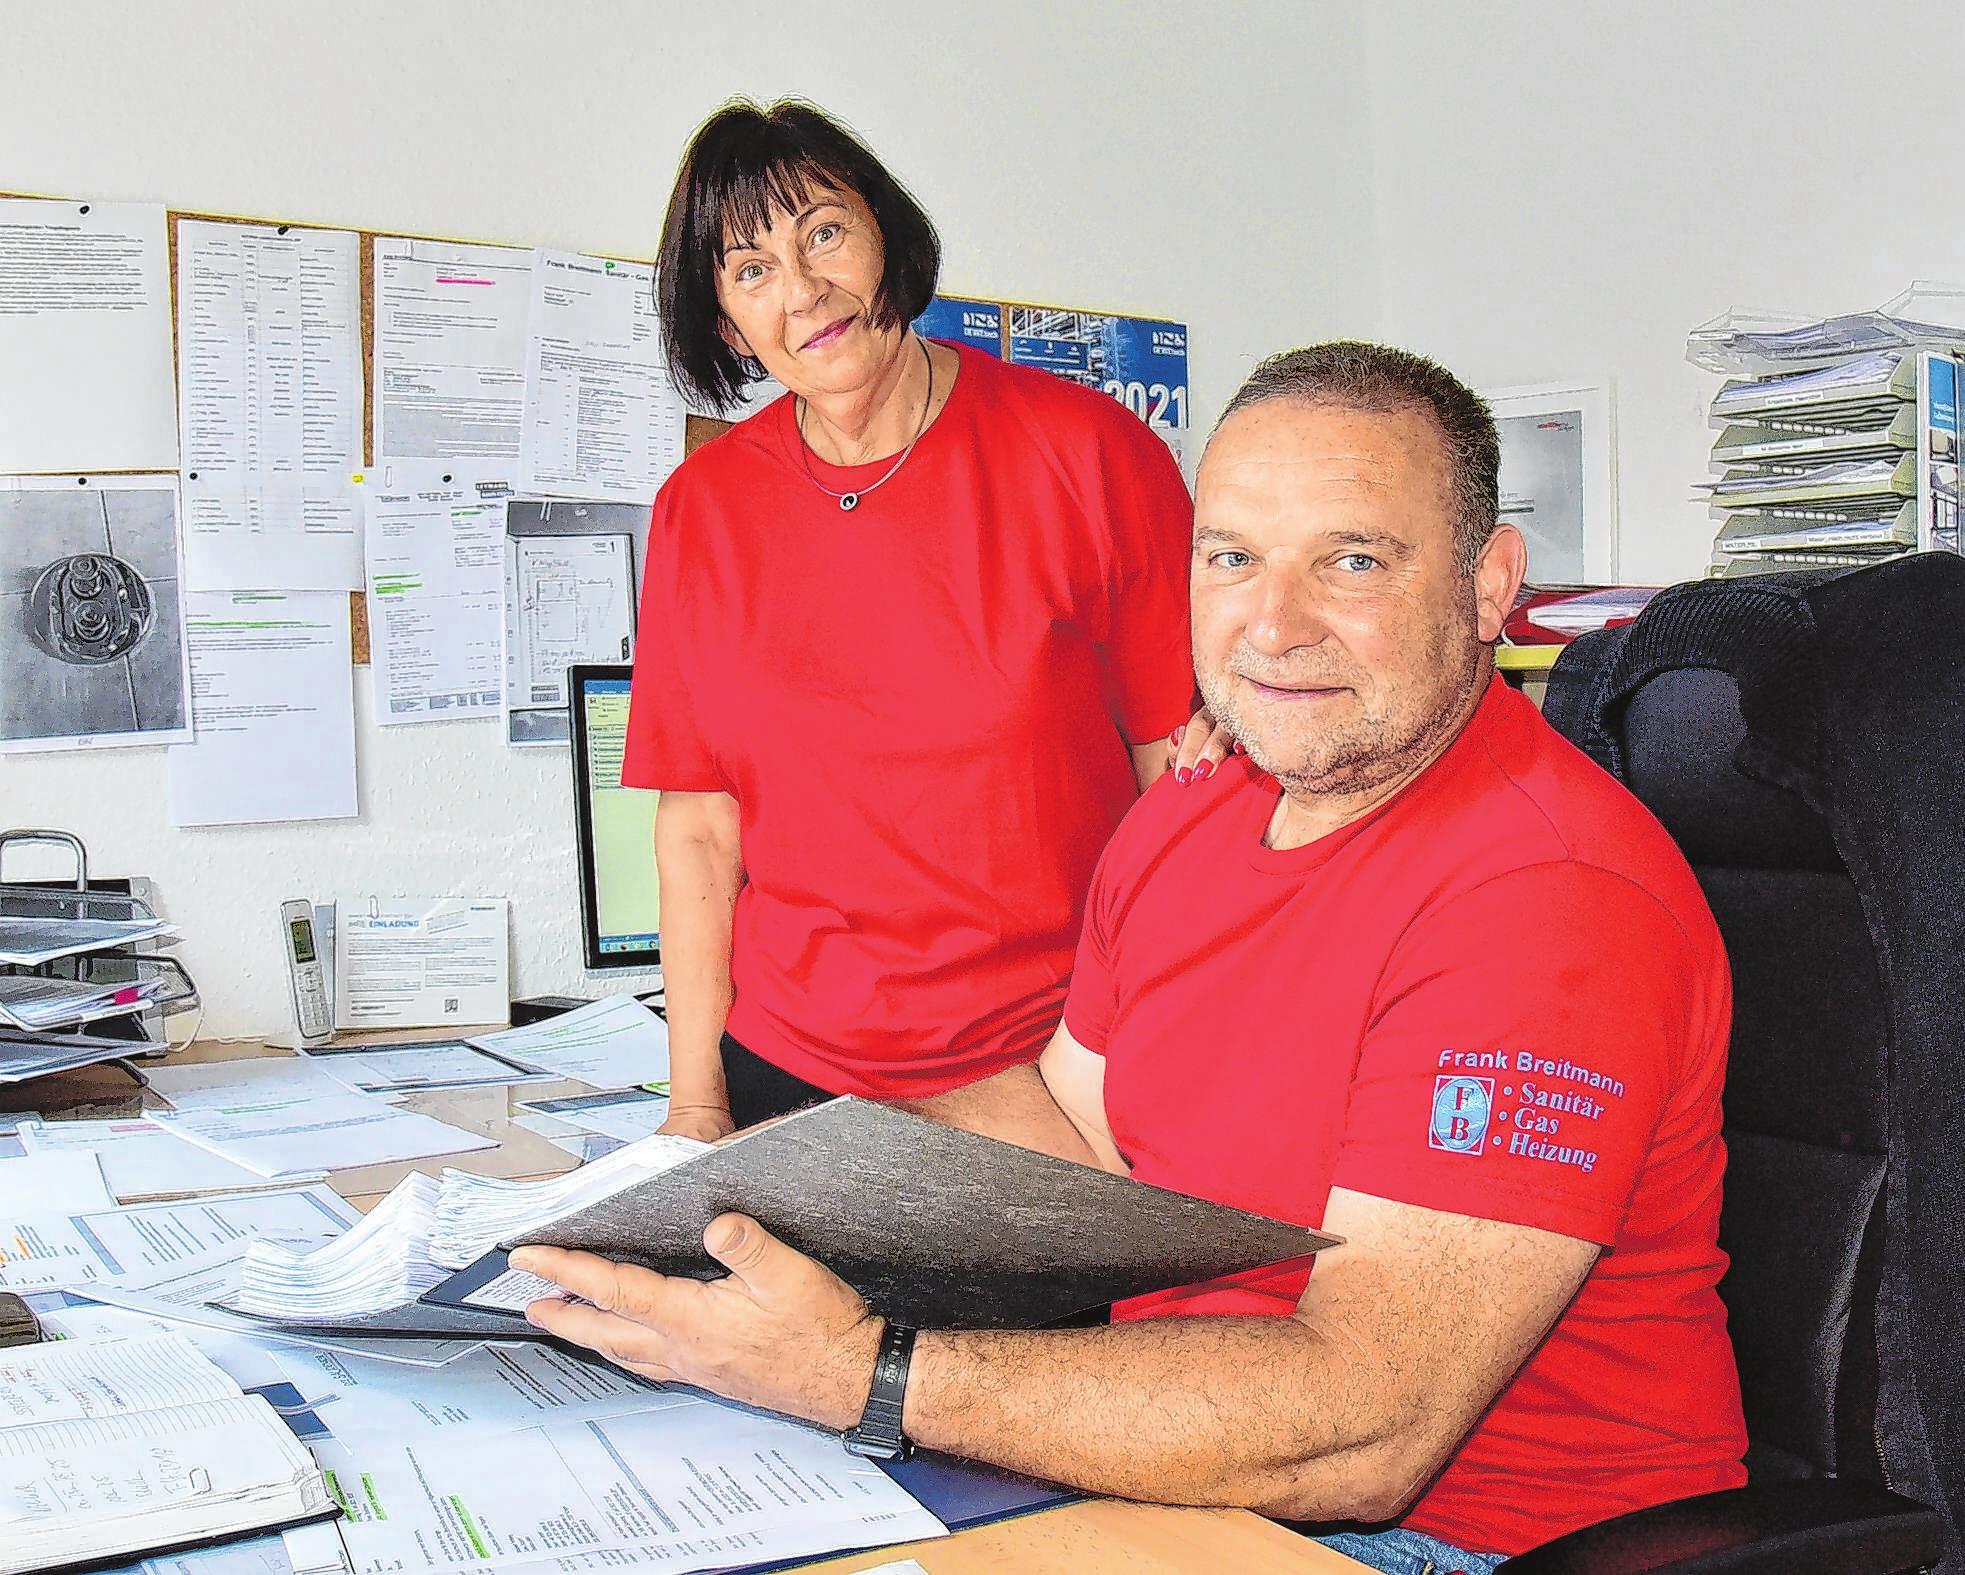 Dienstlich und privat ein eingeschworenes Team: Firmenchef Frank Breitmann und Ehefrau Annette in ihrem modernen Büro in Seelow.